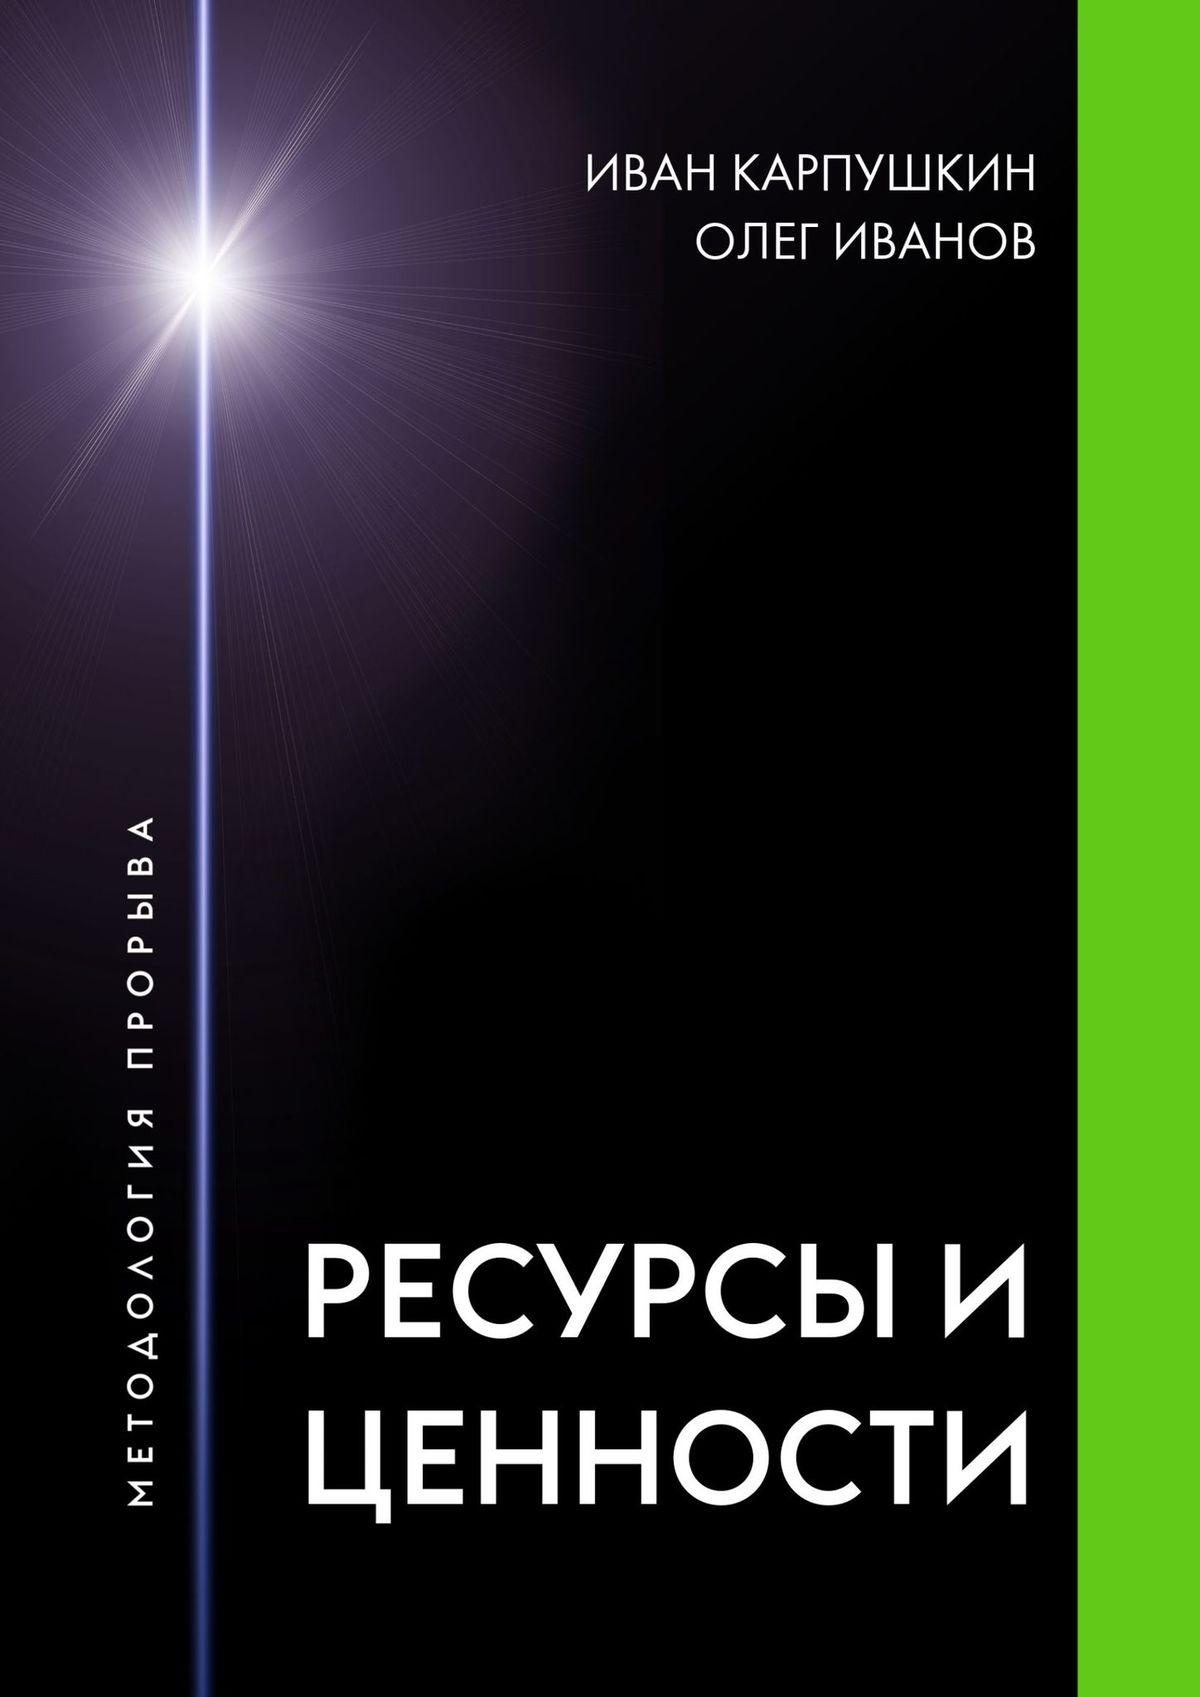 Обложка книги Ресурсы иценности. Методология прорыва